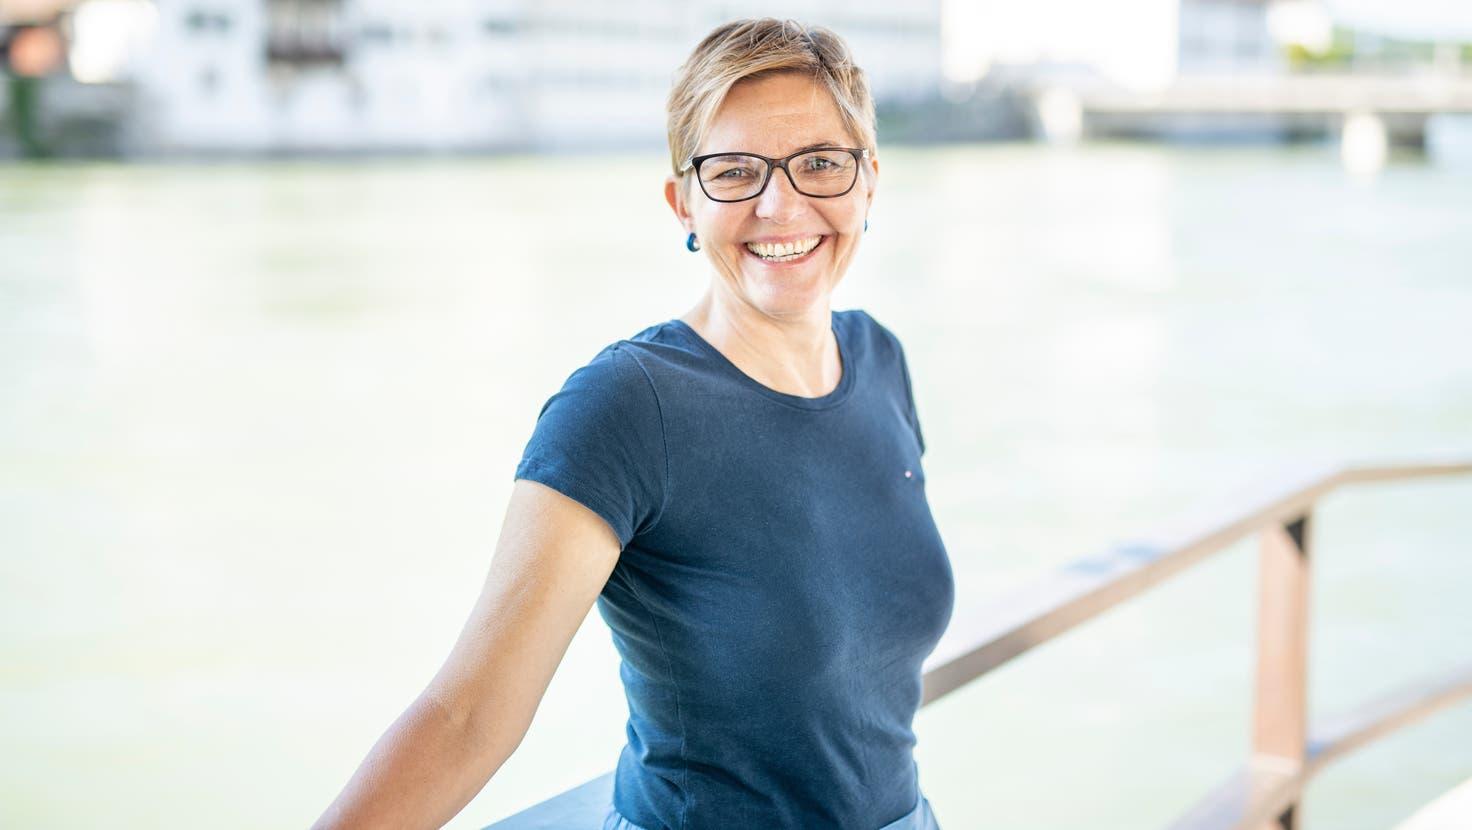 Abstimmungsresultate Kanton Solothurn: Stefanie Ingold wird Stadtpräsidentin von Solothurn ++ Ja zur Verkehrsanbindung Thal